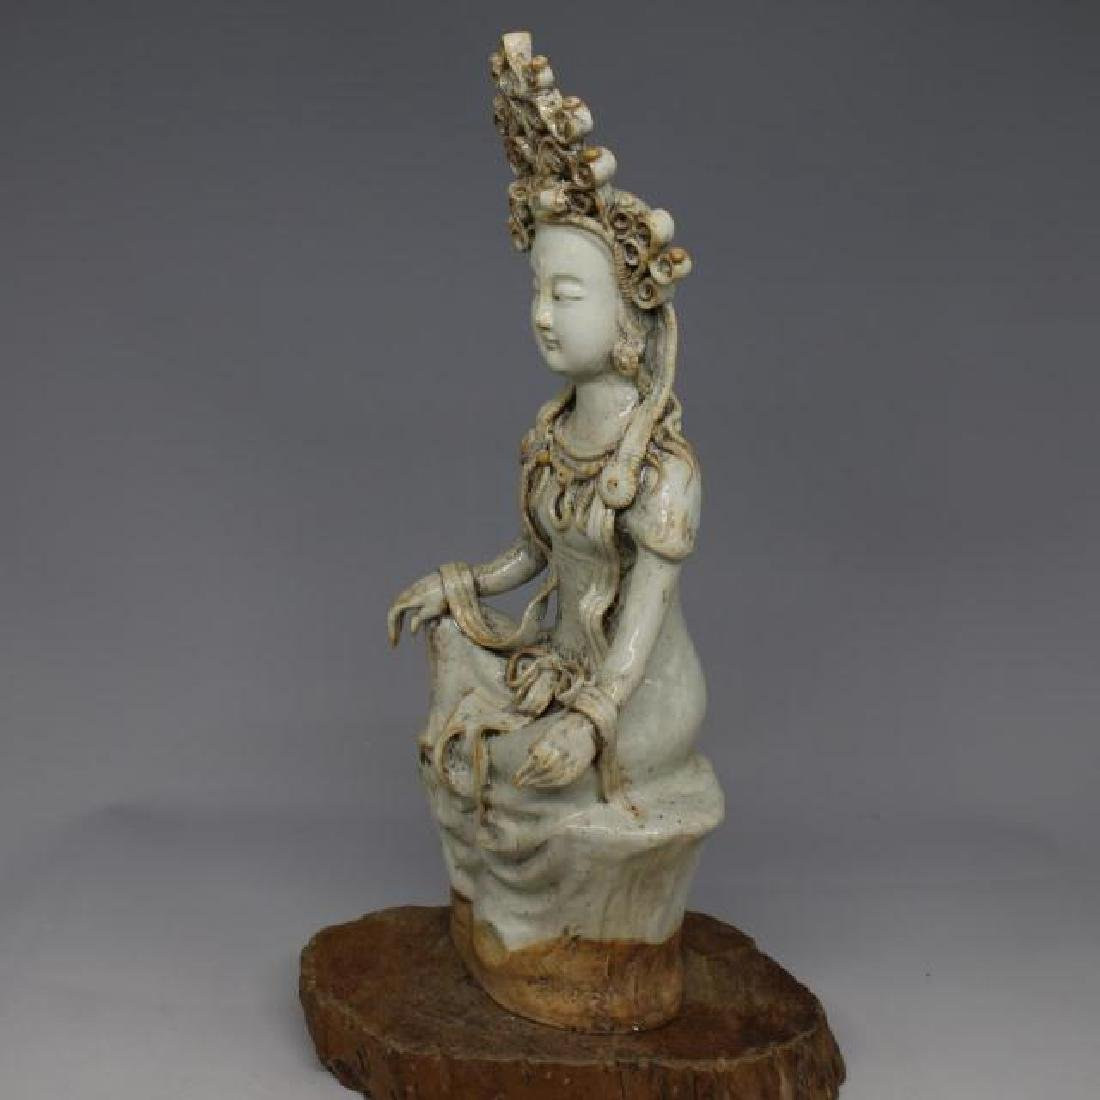 Chinese Yuan Dynasty Shufu Ware White Glaze Porcelain - 2